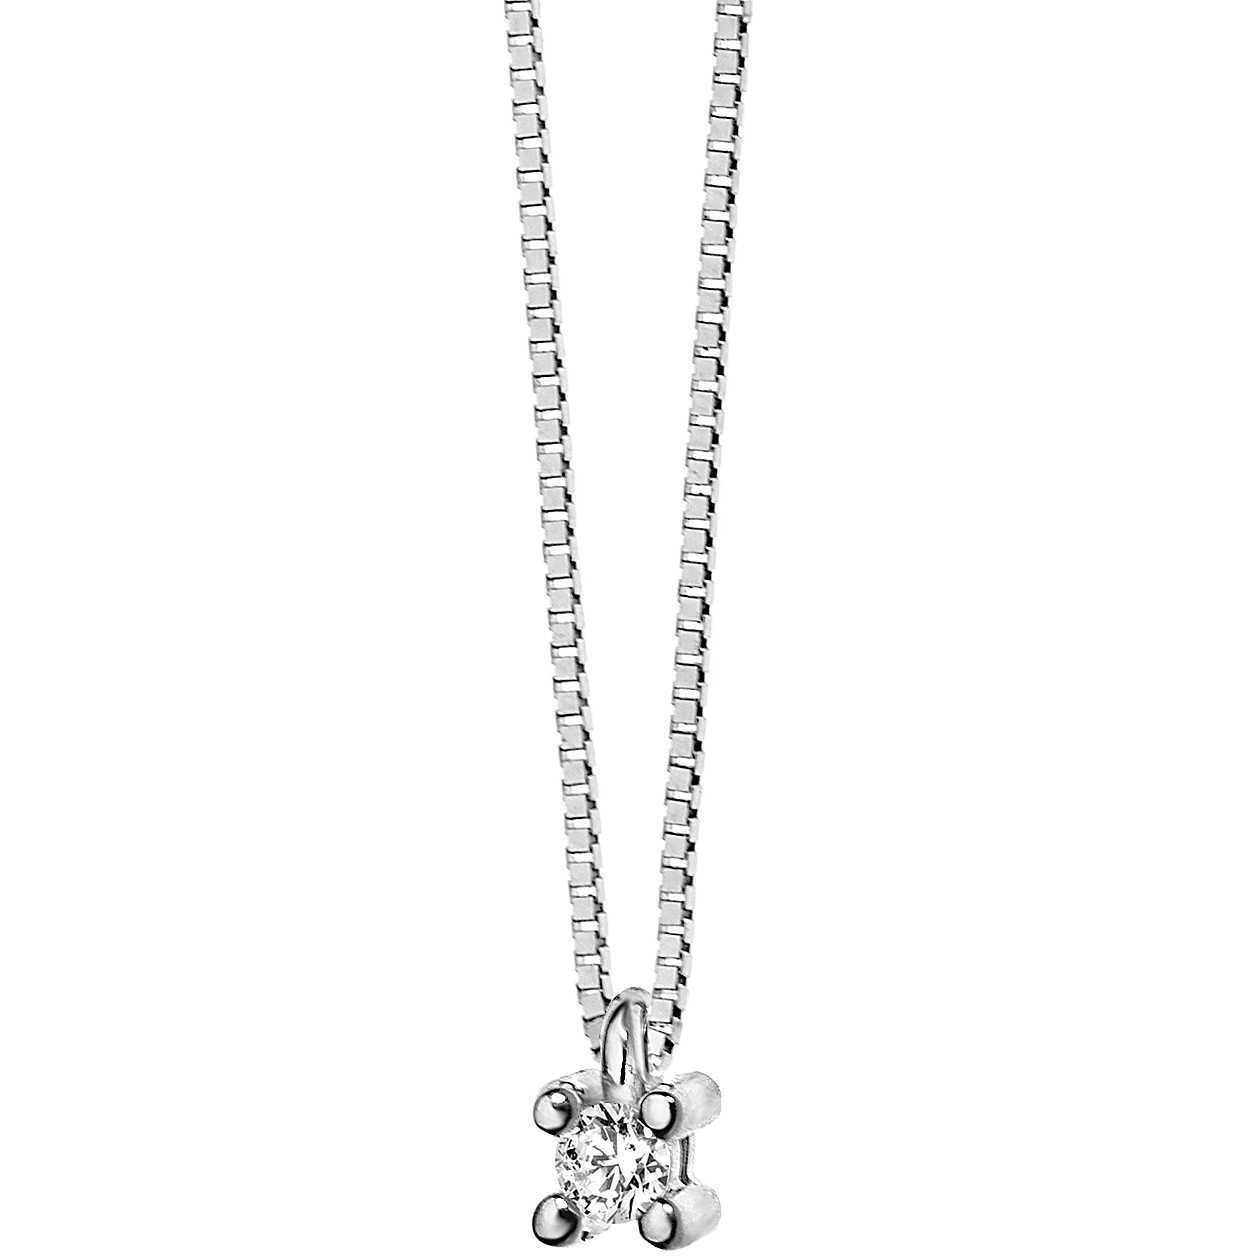 Collana donna gioielli Comete Punto luce elegante cod. GLB 982 982 982 1ed824